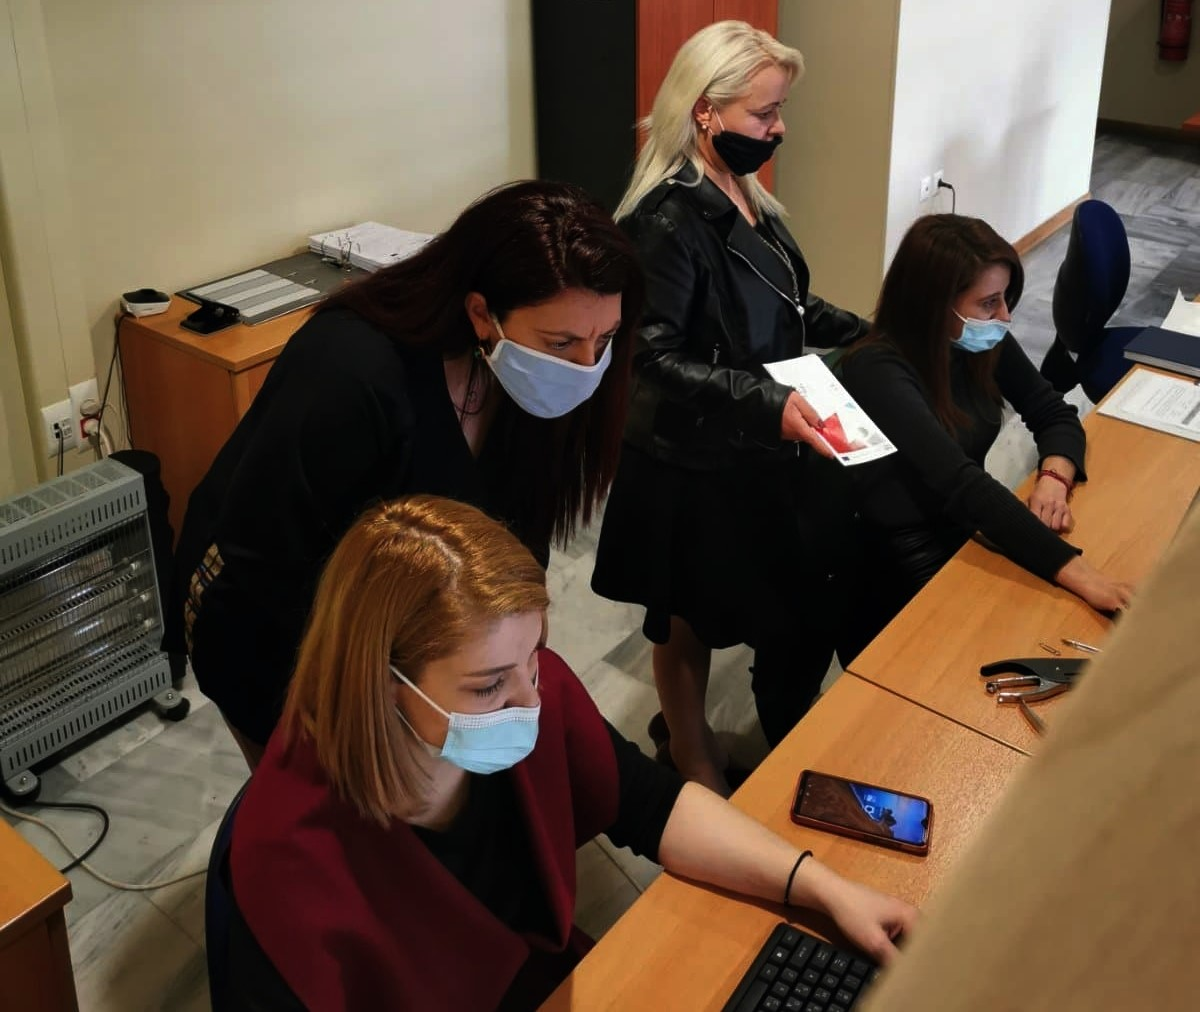 Δήμος Αρχαίας Ολυμπίας: Νέα προγράμματα αλληλεγγύης από το Τμήμα Κοινωνικής Προστασίας του Δήμου